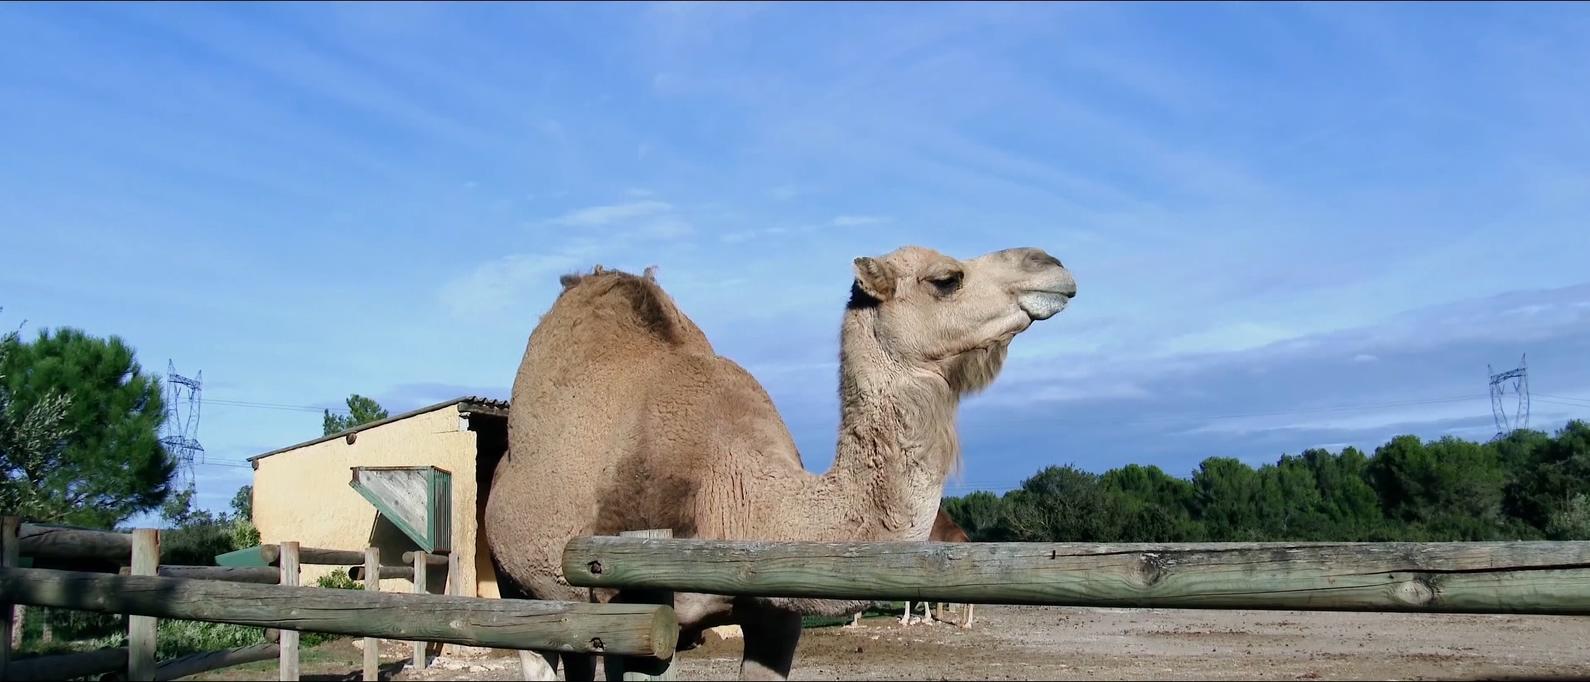 高清 野生动物 自然景色 猫头鹰 豹子 猴子 犀牛 野牛 动物 狮子 长颈鹿 斑马 骆驼 老虎 山羊